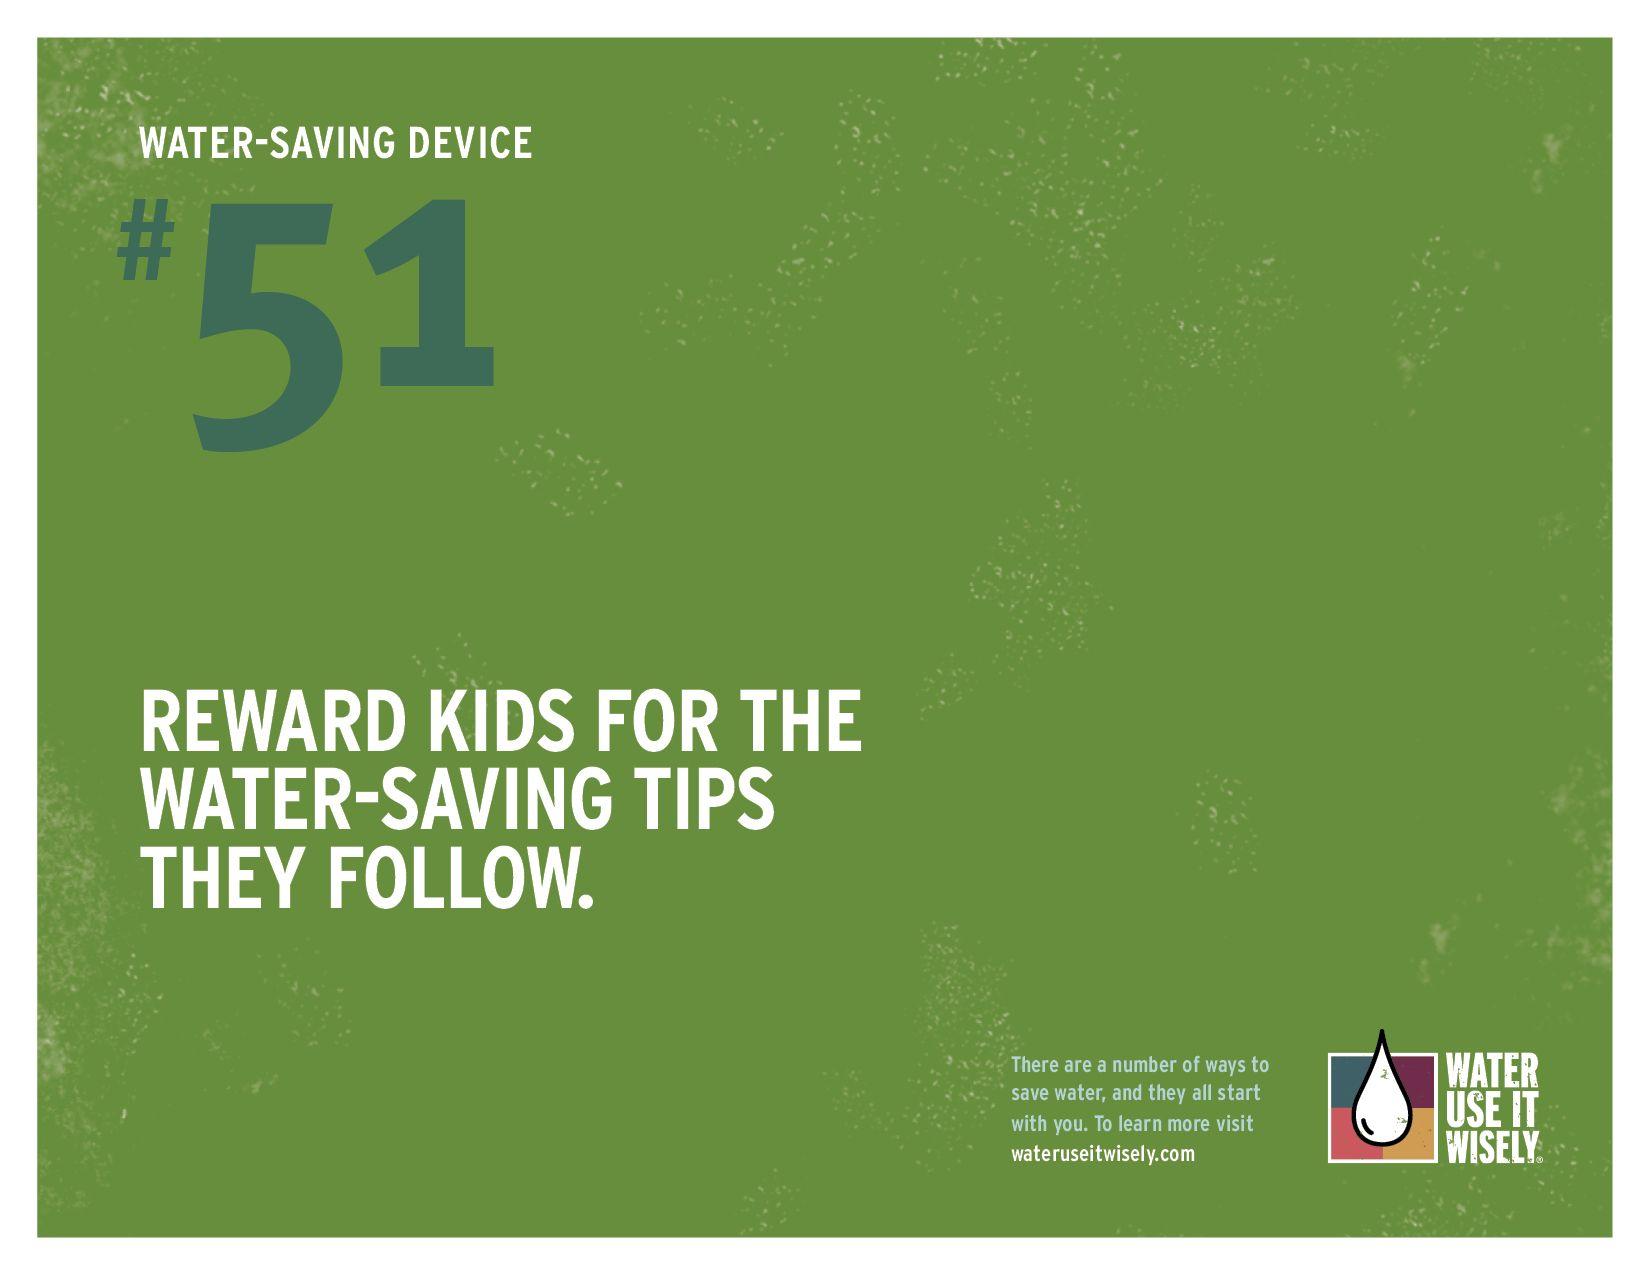 Water Saving Tip Reward Kids For Saving Water